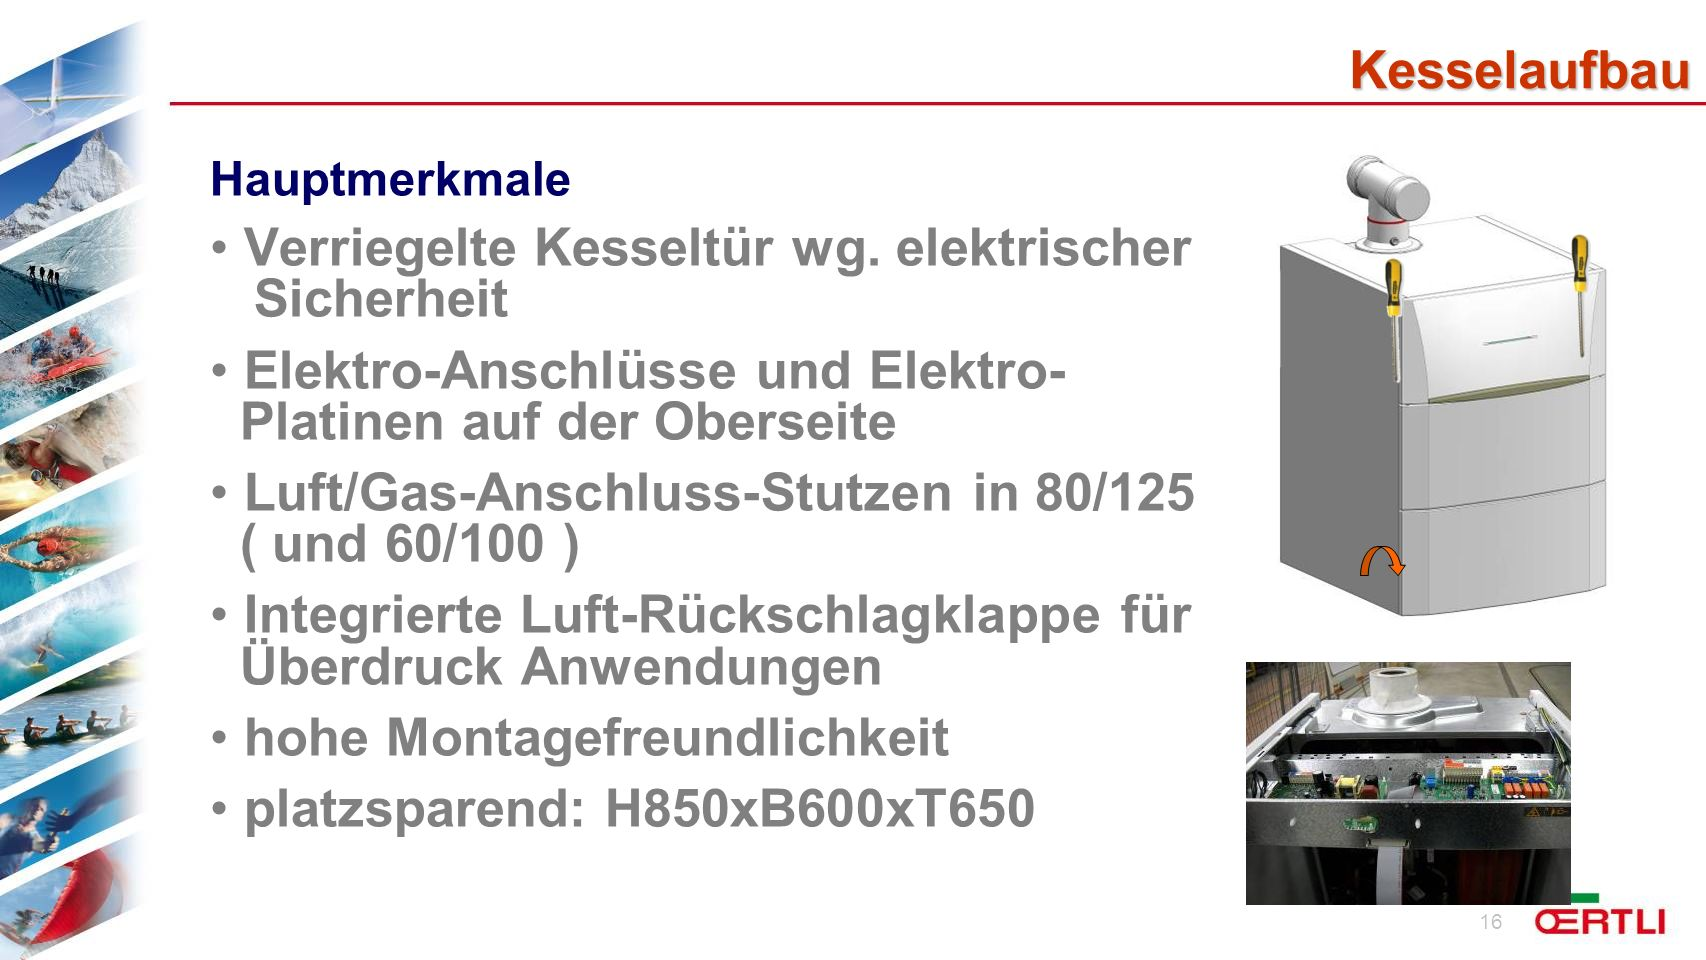 Verriegelte Kesseltür wg. elektrischer Sicherheit